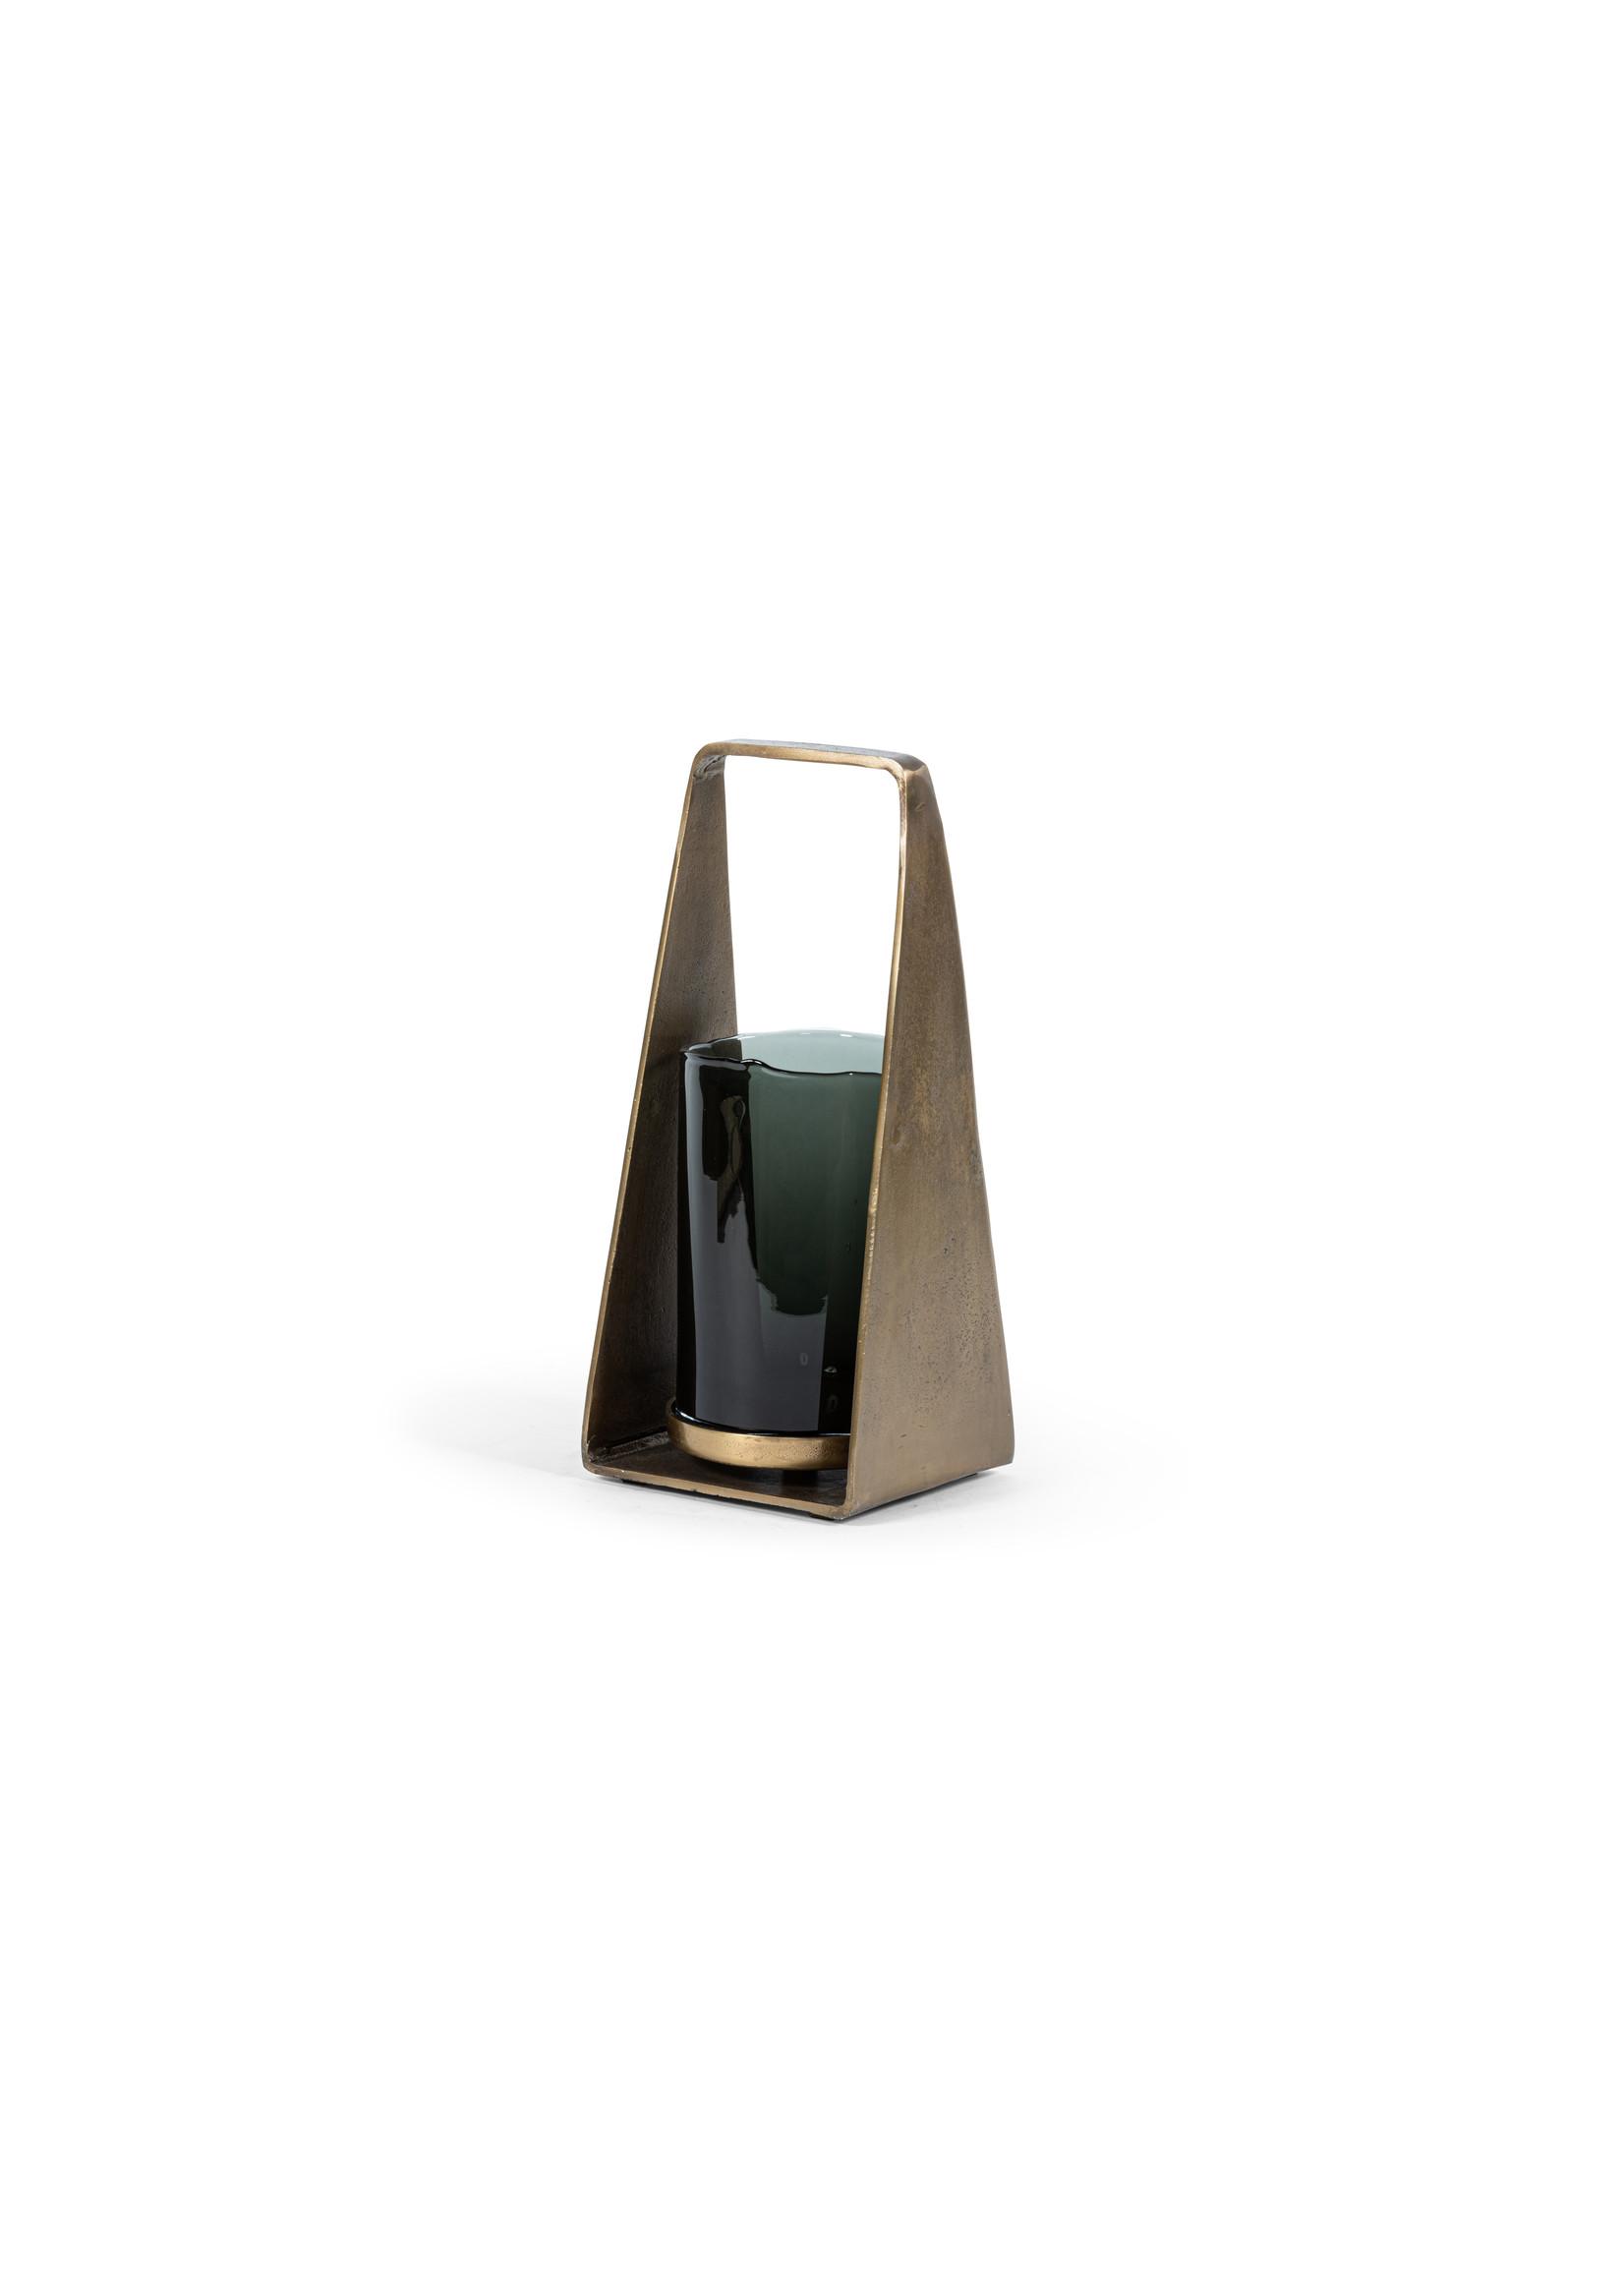 Dekocandle Windlicht antique Brass & Smoke glass